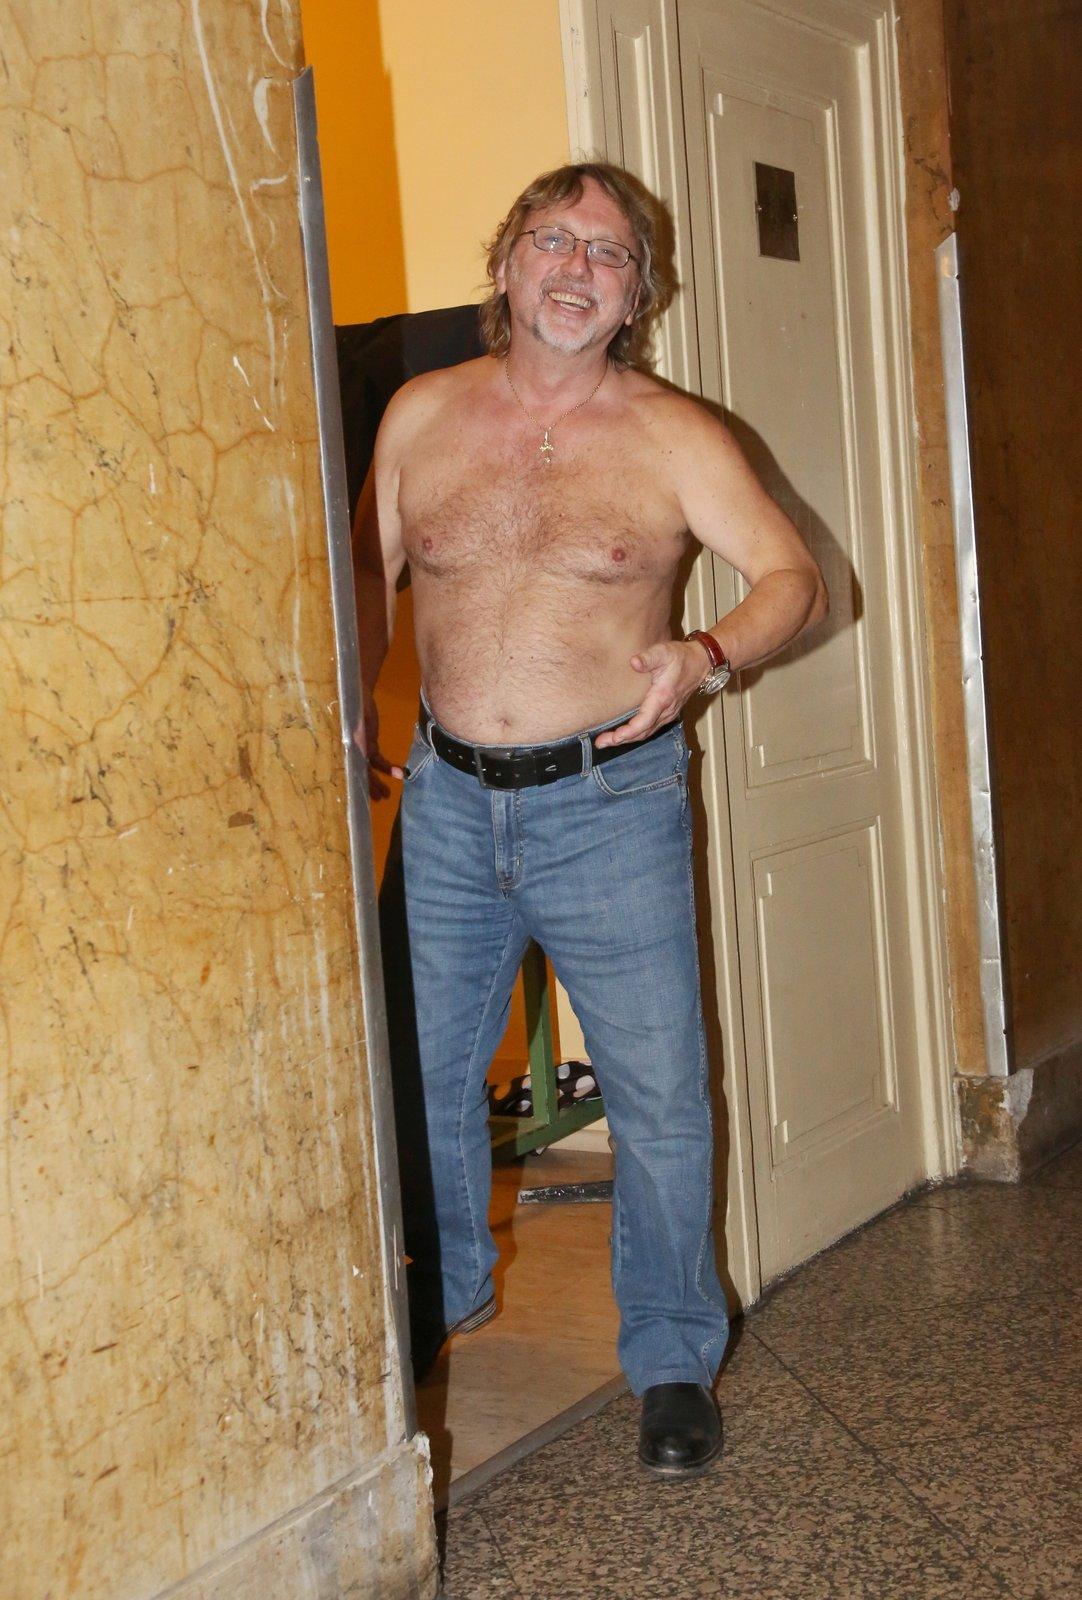 Janda nahý od pasu nahoru. To chcete!